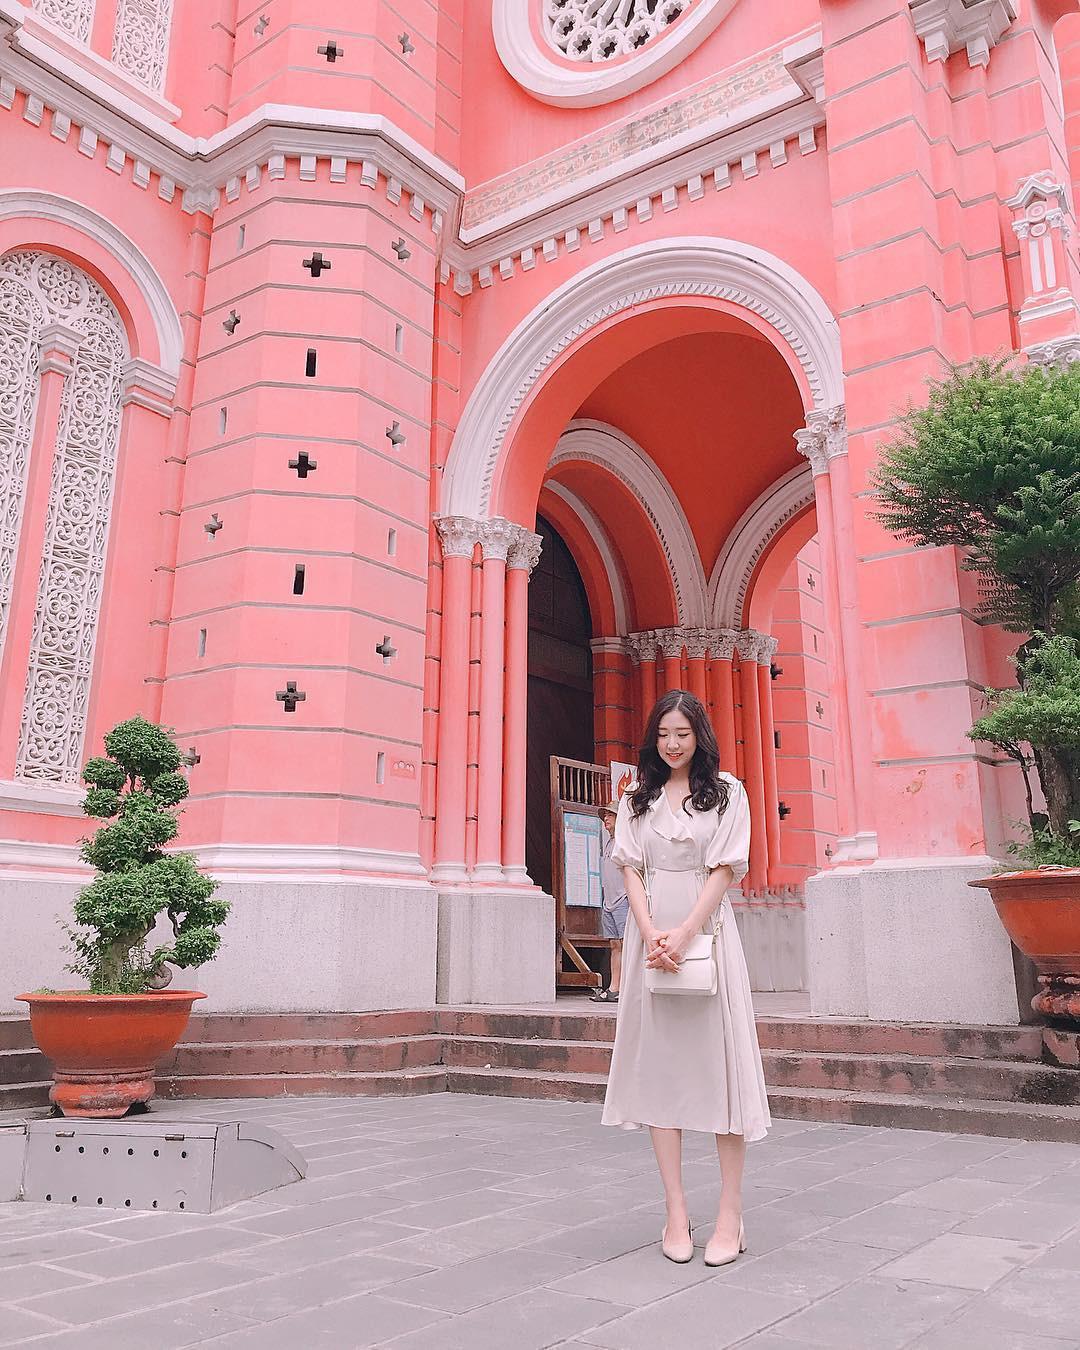 Vẻ đẹp của nhà thờ màu hồng nằm giữa lòng Sài Gòn khiến du khách mê mẩn - Ảnh 10.